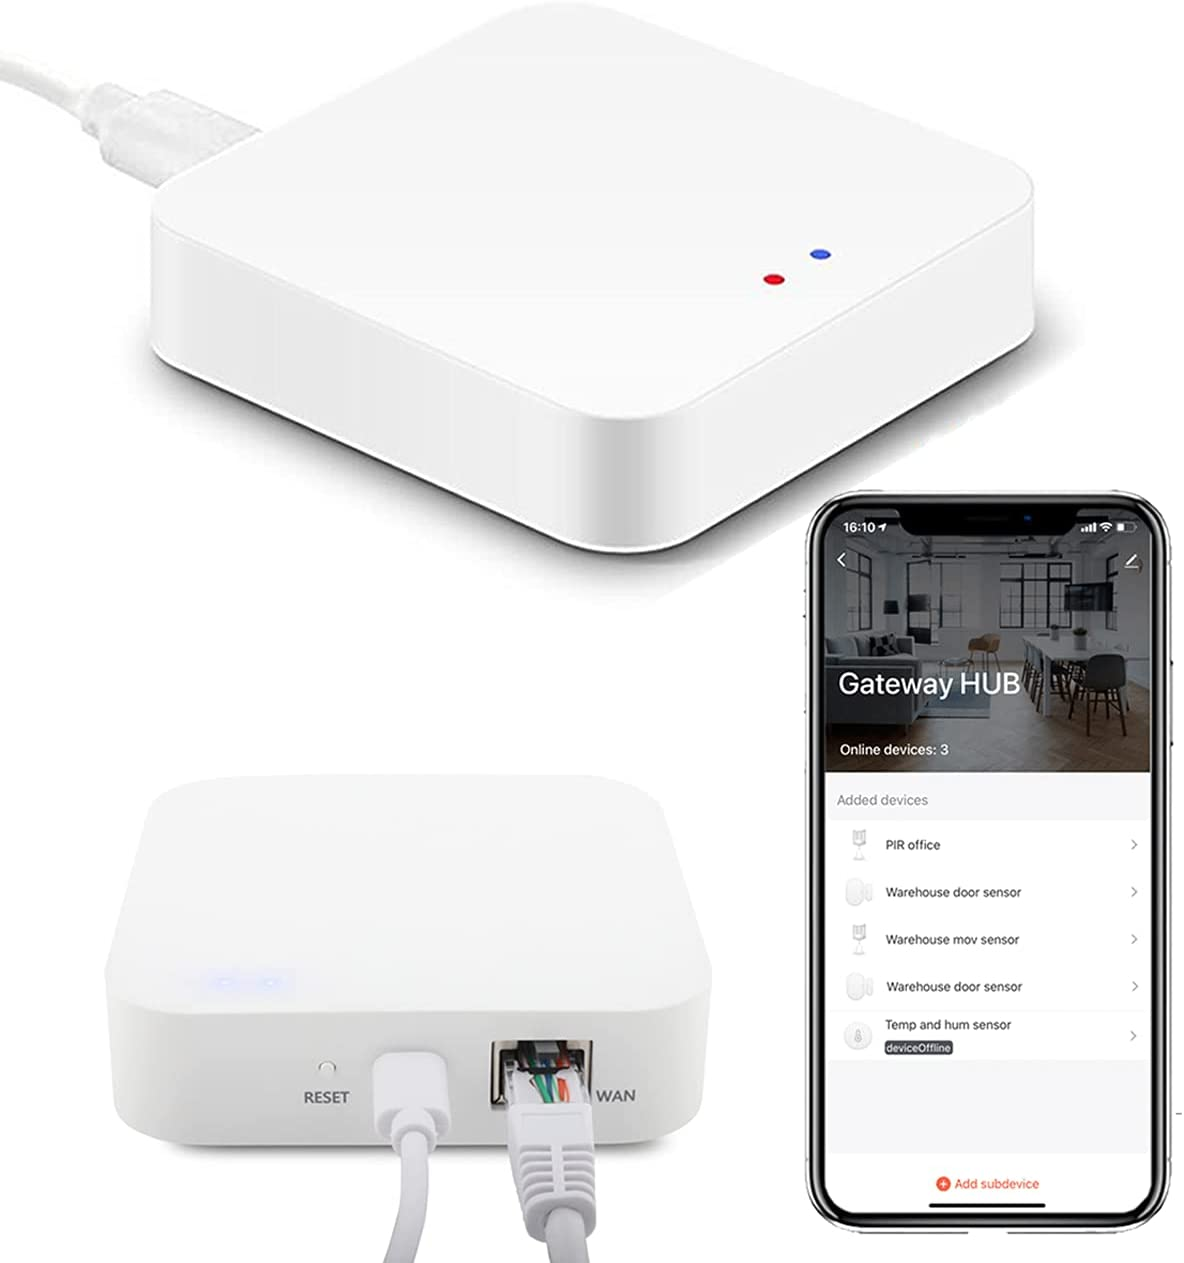 Puerto de Enlace Zigbee Hub Gateway Si Smart funciona hasta 128 dispositivos Zigbee compatibles con Smart Life o Tuya Smart. Smart Home Bridge. Conexión por cable Ethernet incluida.